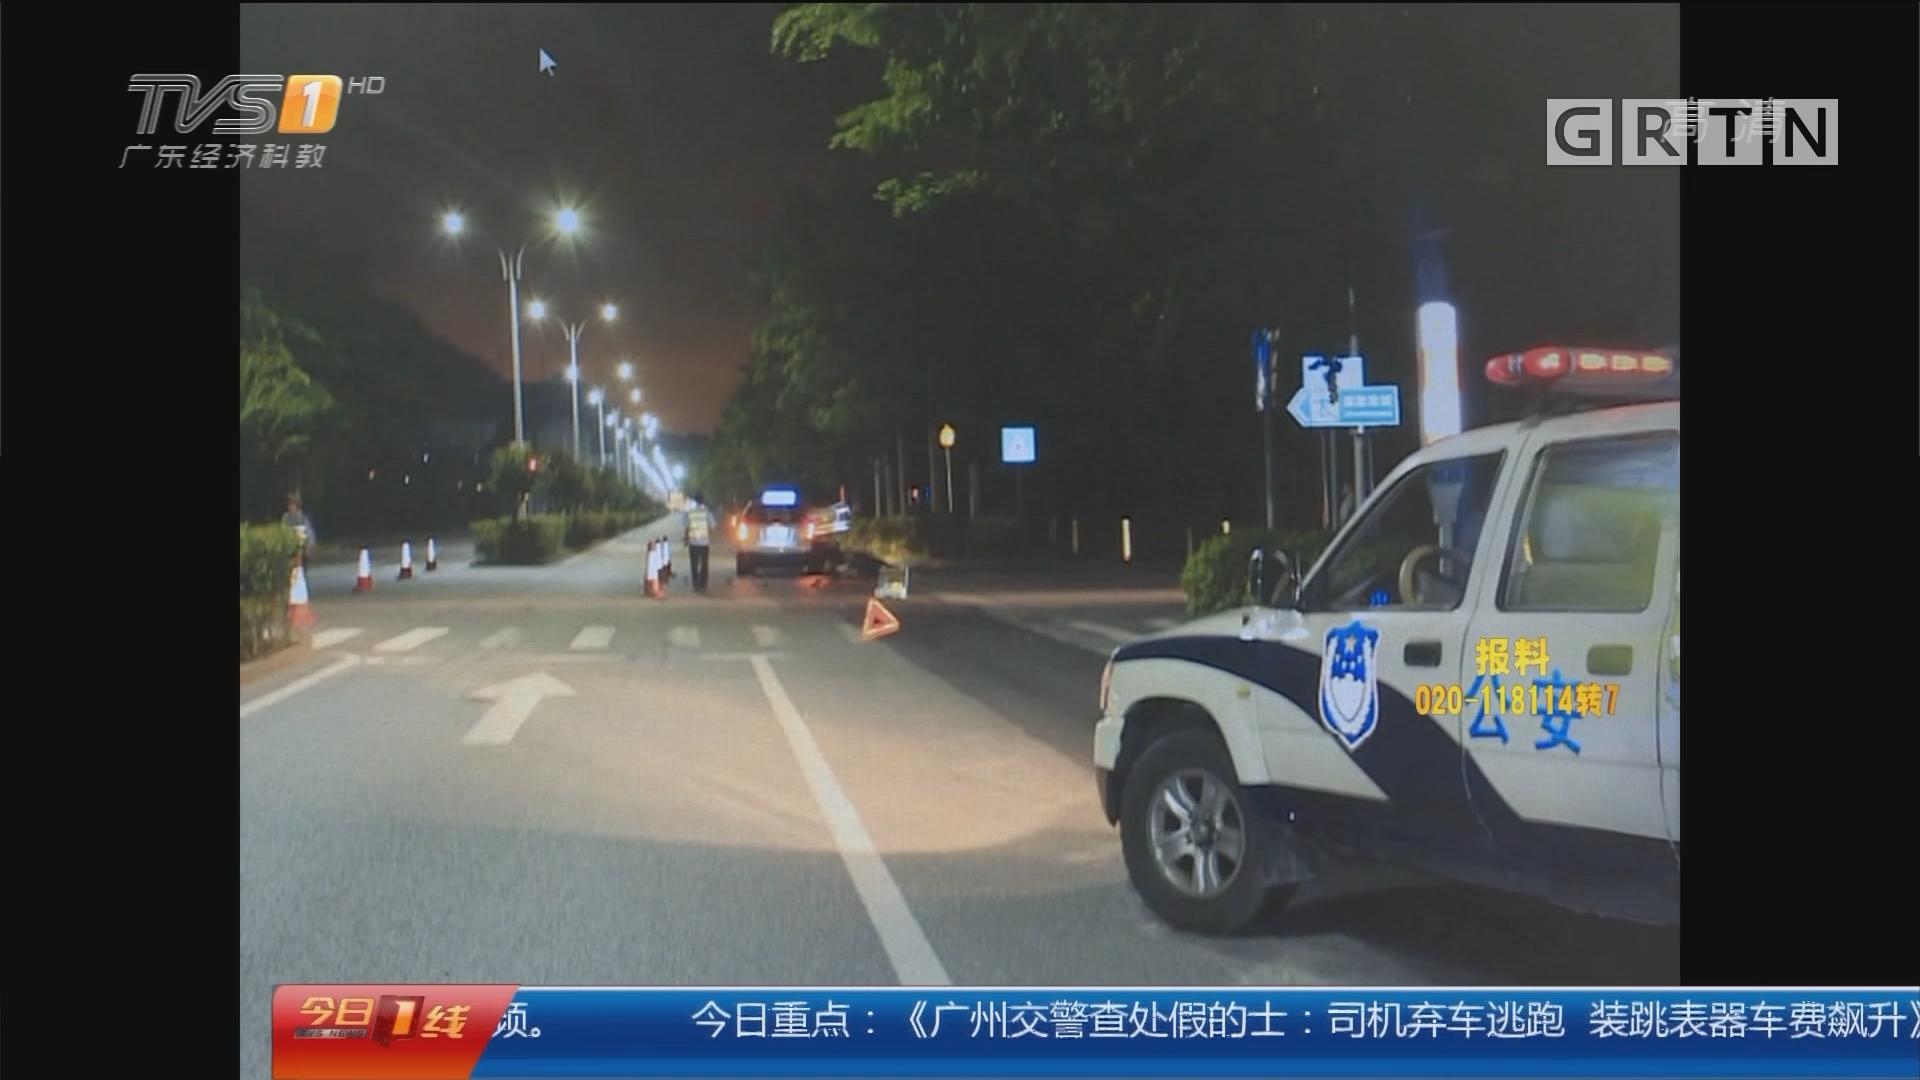 深圳:摩托撞的士一死两伤 骑手酒驾闯祸